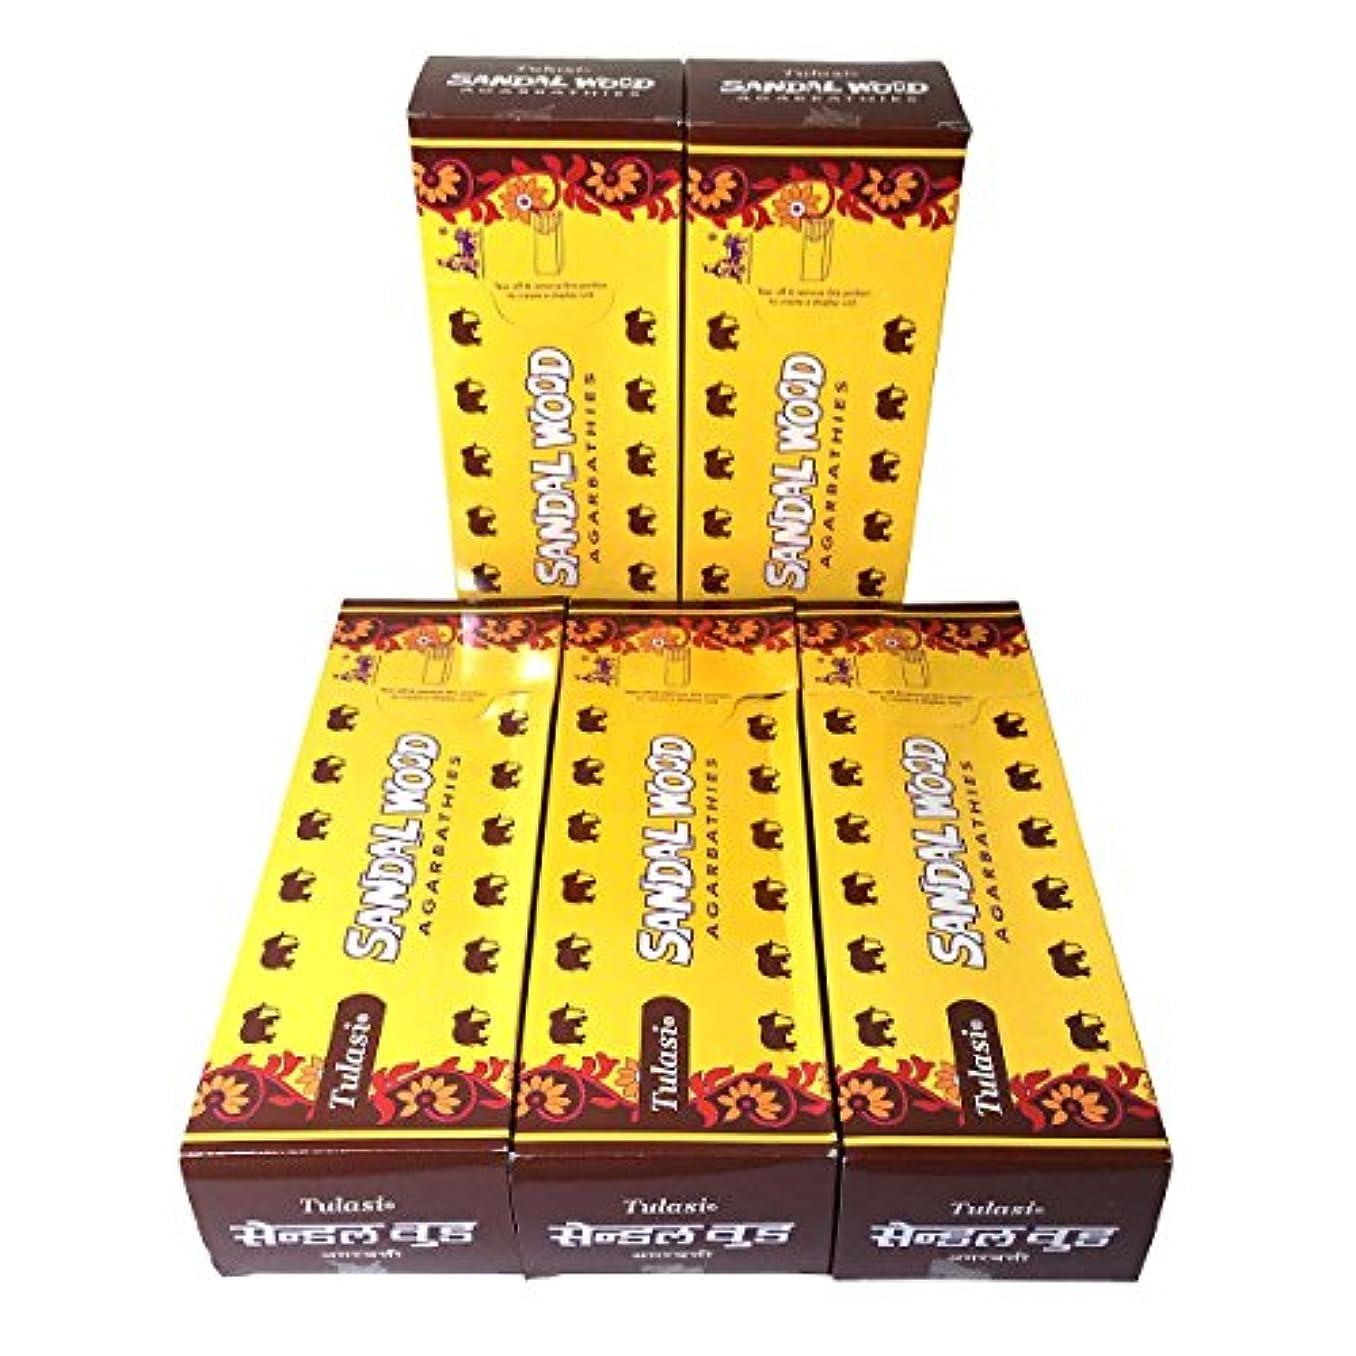 修復きょうだい瞬時にサンダルウッド香スティック 5BOX(30箱)/TULASI SANDAL WOOD/ インド香 / 送料無料 [並行輸入品]